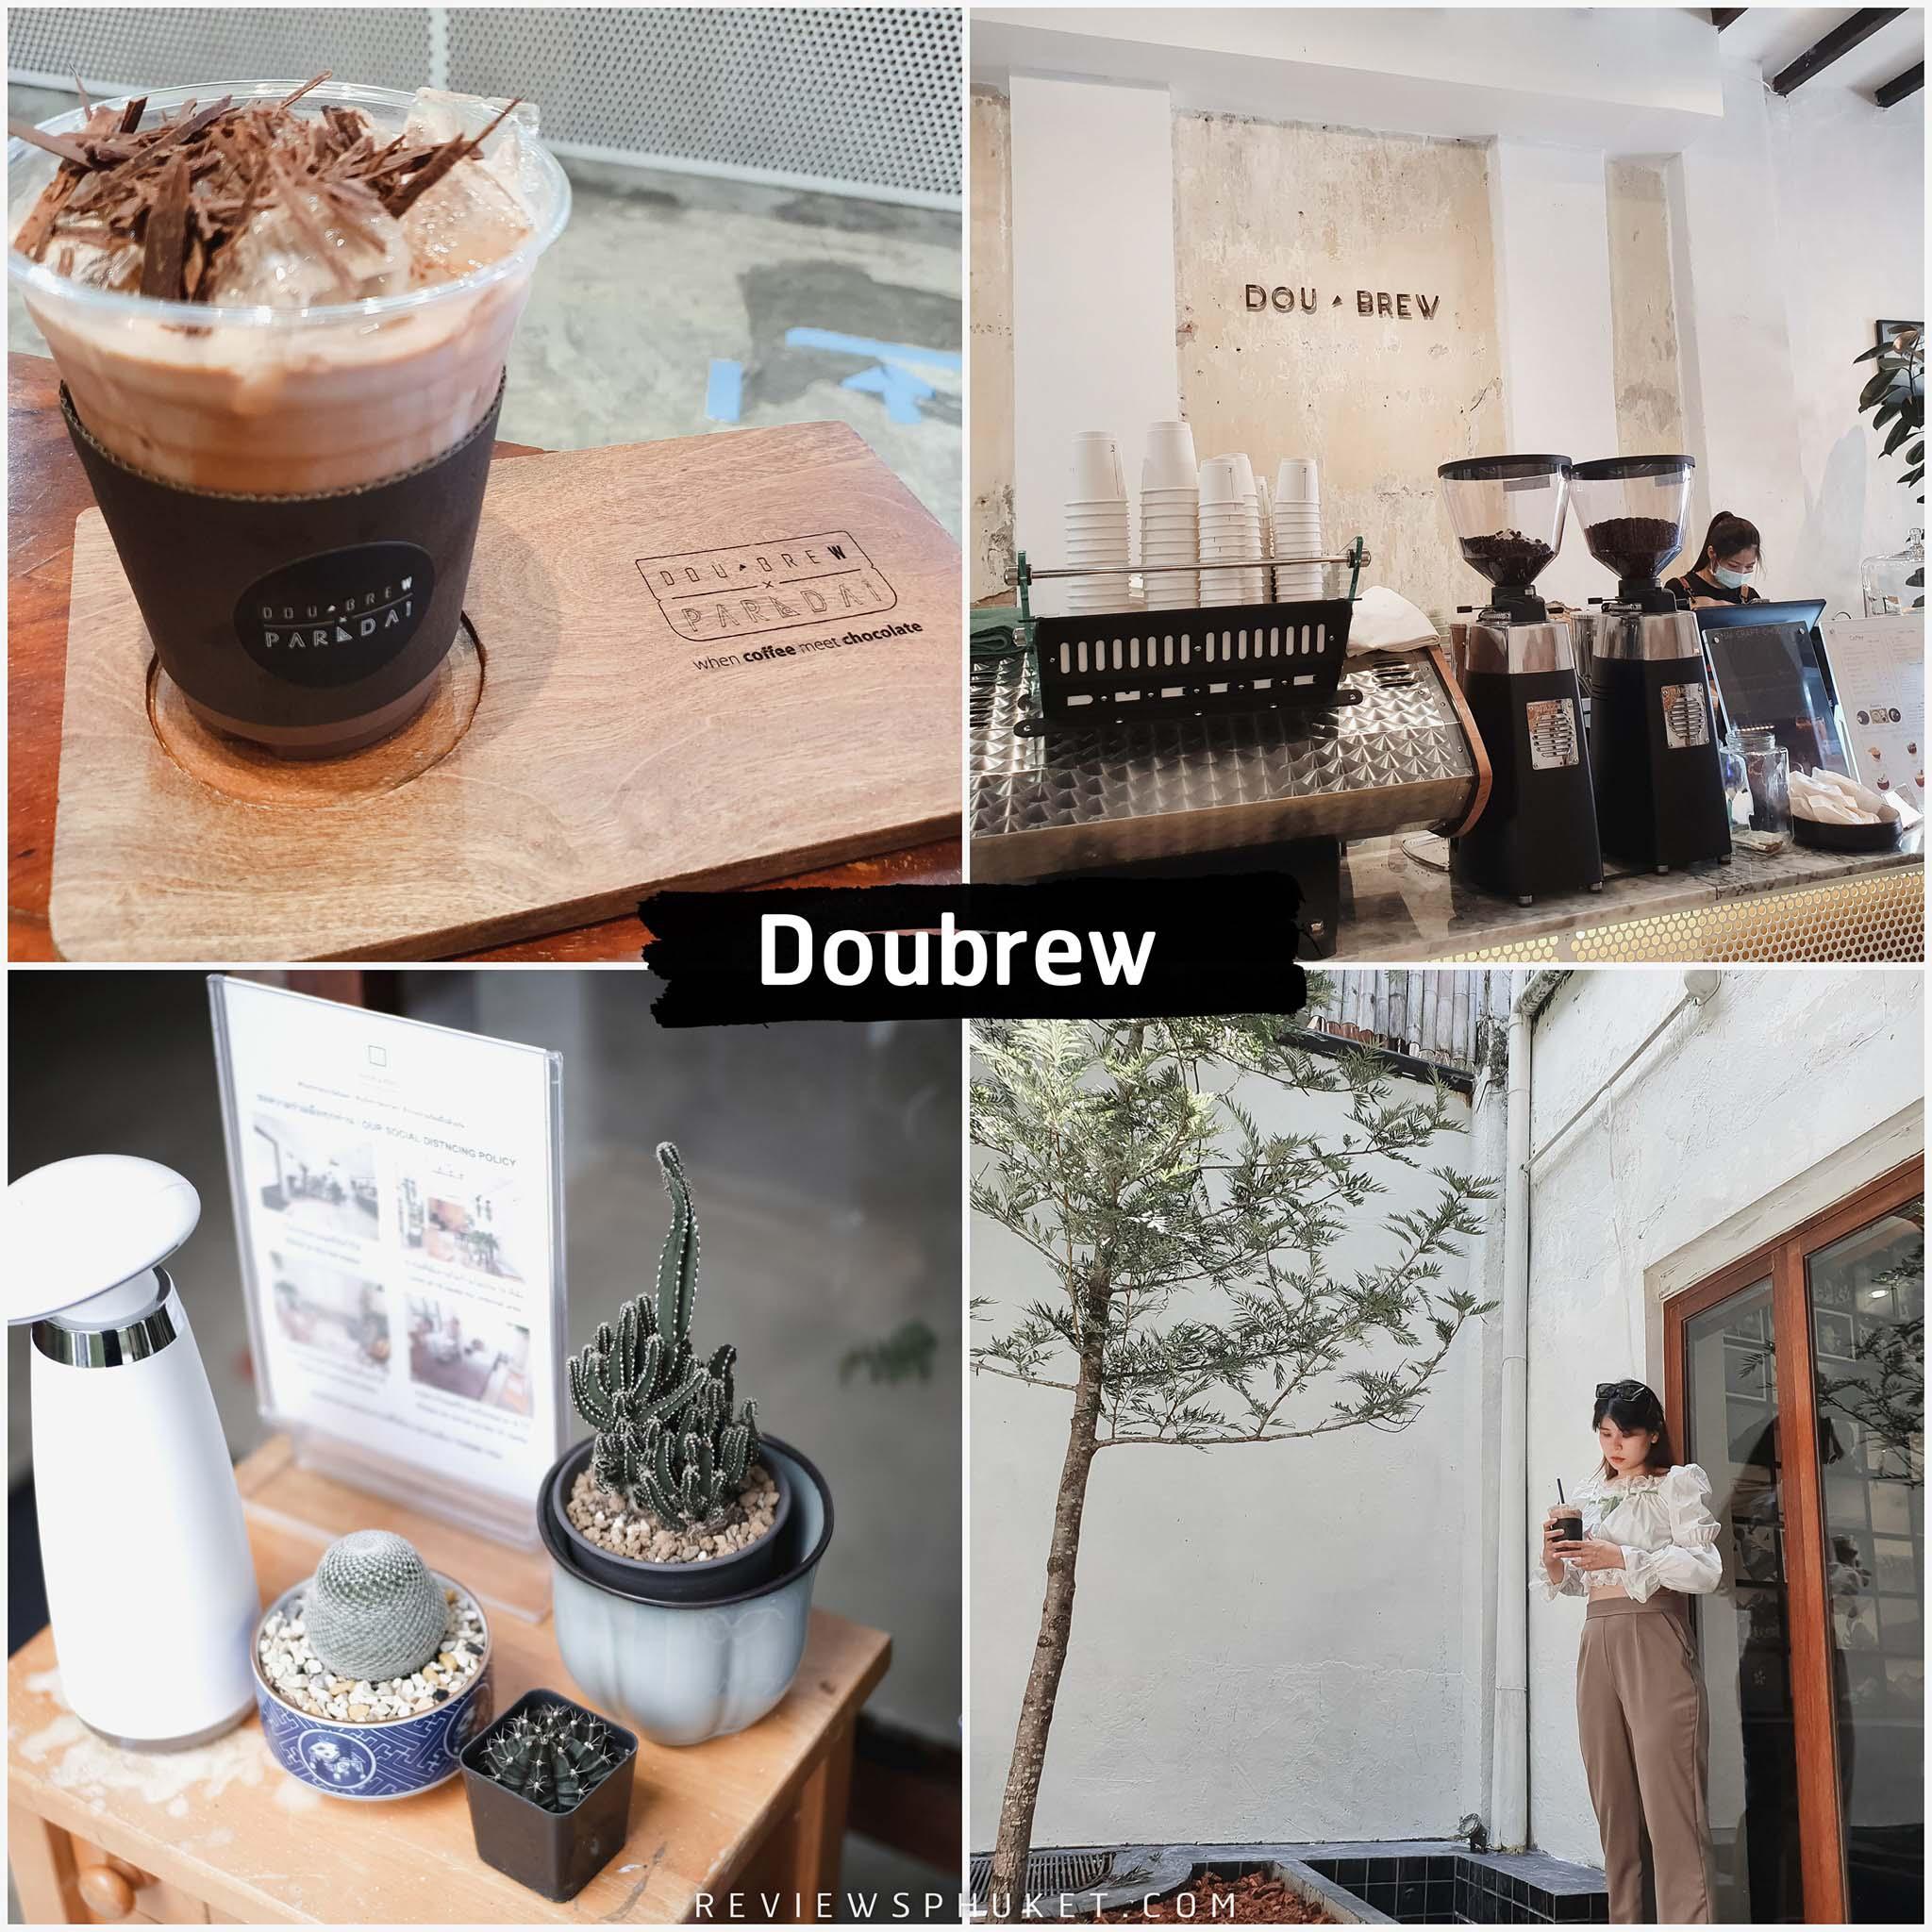 จุดเช็คอินเด็ดๆ-dou-brew-coffee---craft-ภูเก็ต-คาเฟ่สวยเก๋-ตกแต่งสไตล์มินิมอลสีเขียวบรรยากาศร้านน่านั่งมวากกกก คลิกที่นี่ ภูเก็ต,คาเฟ่,ที่เที่ยว,ร้านกาแฟ,เด็ด,อร่อย,ต้องลอง